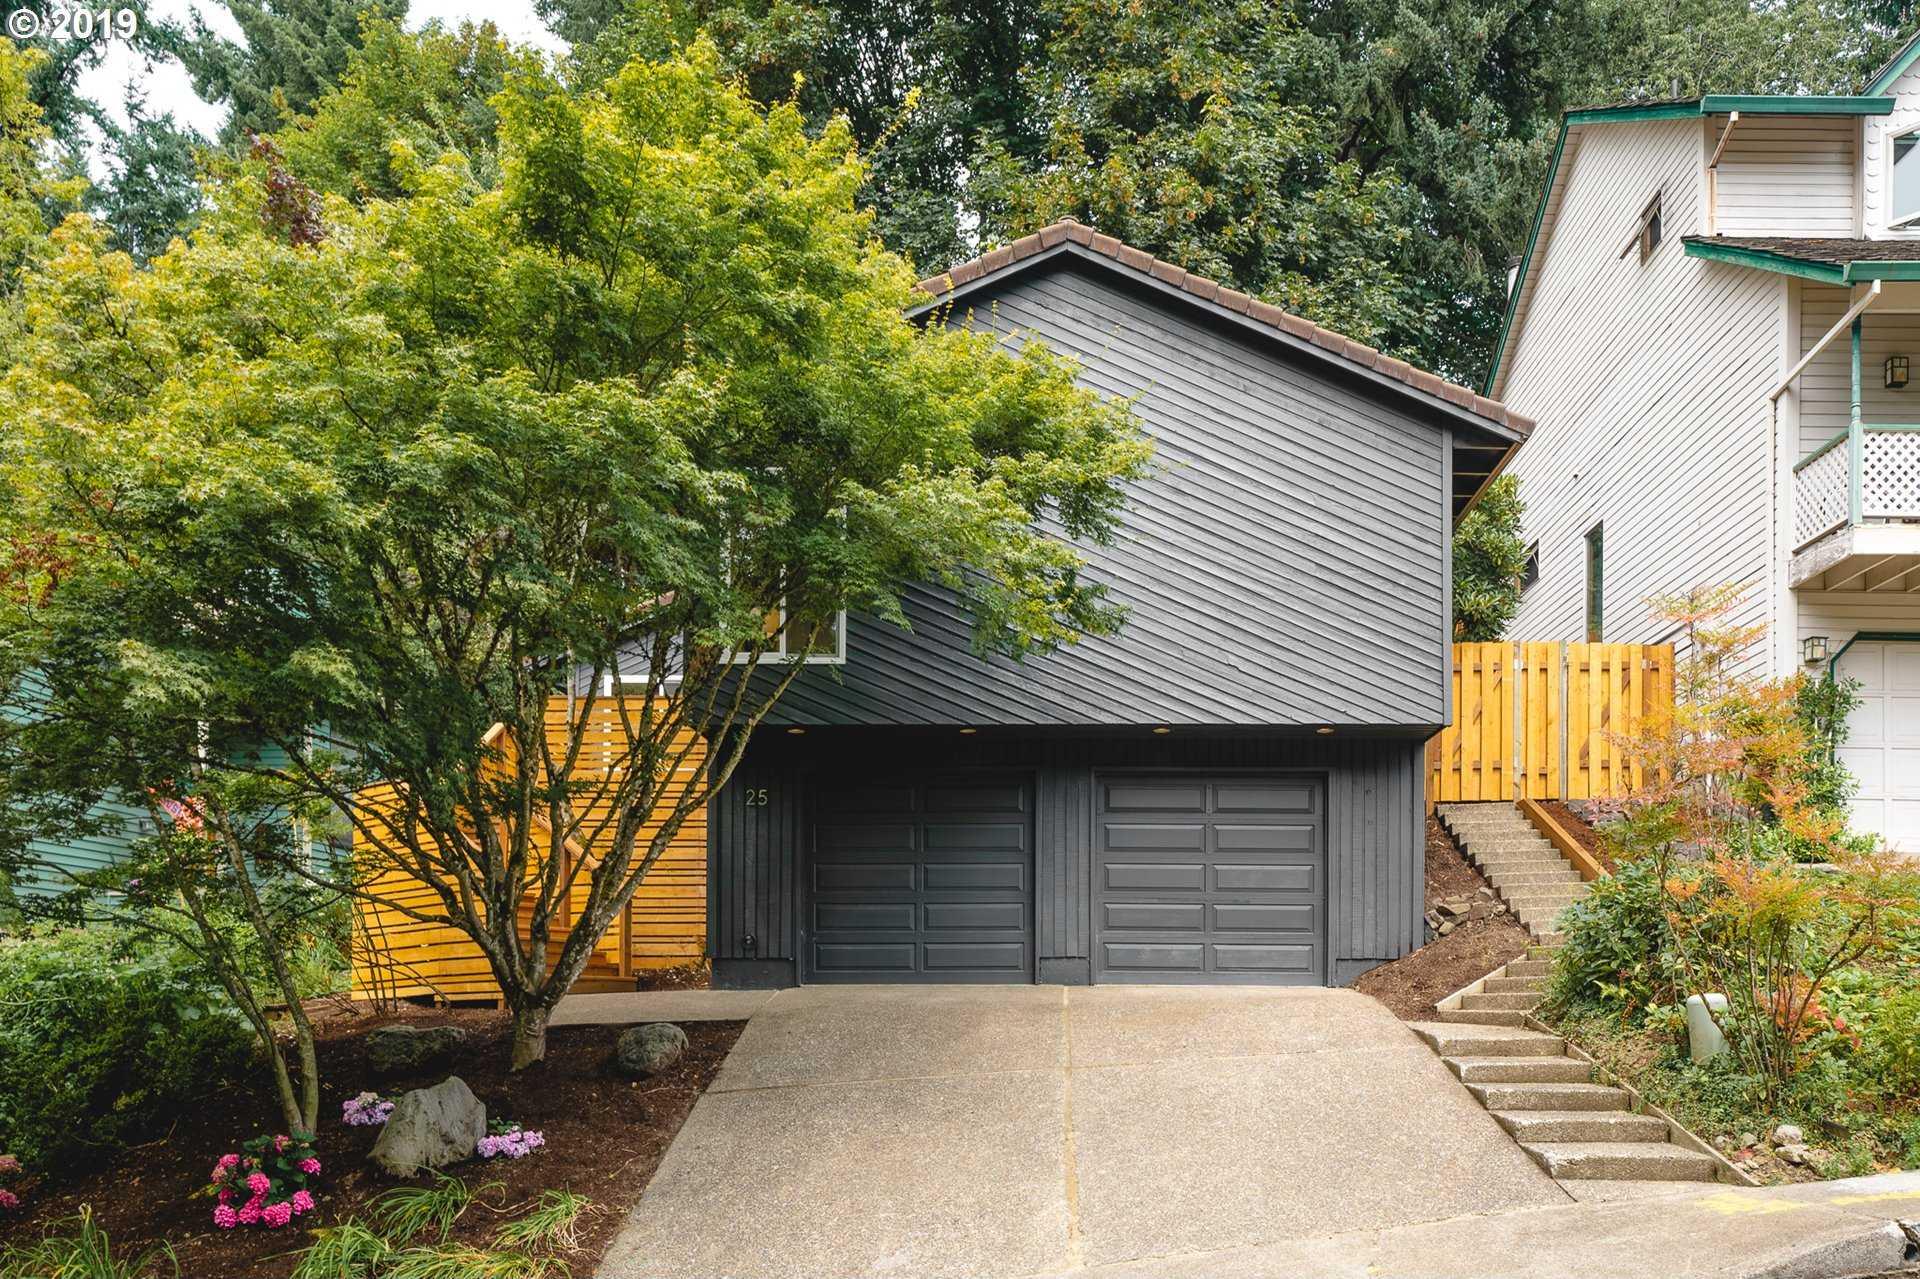 $600,000 - 3Br/2Ba -  for Sale in John's Landing, Portland